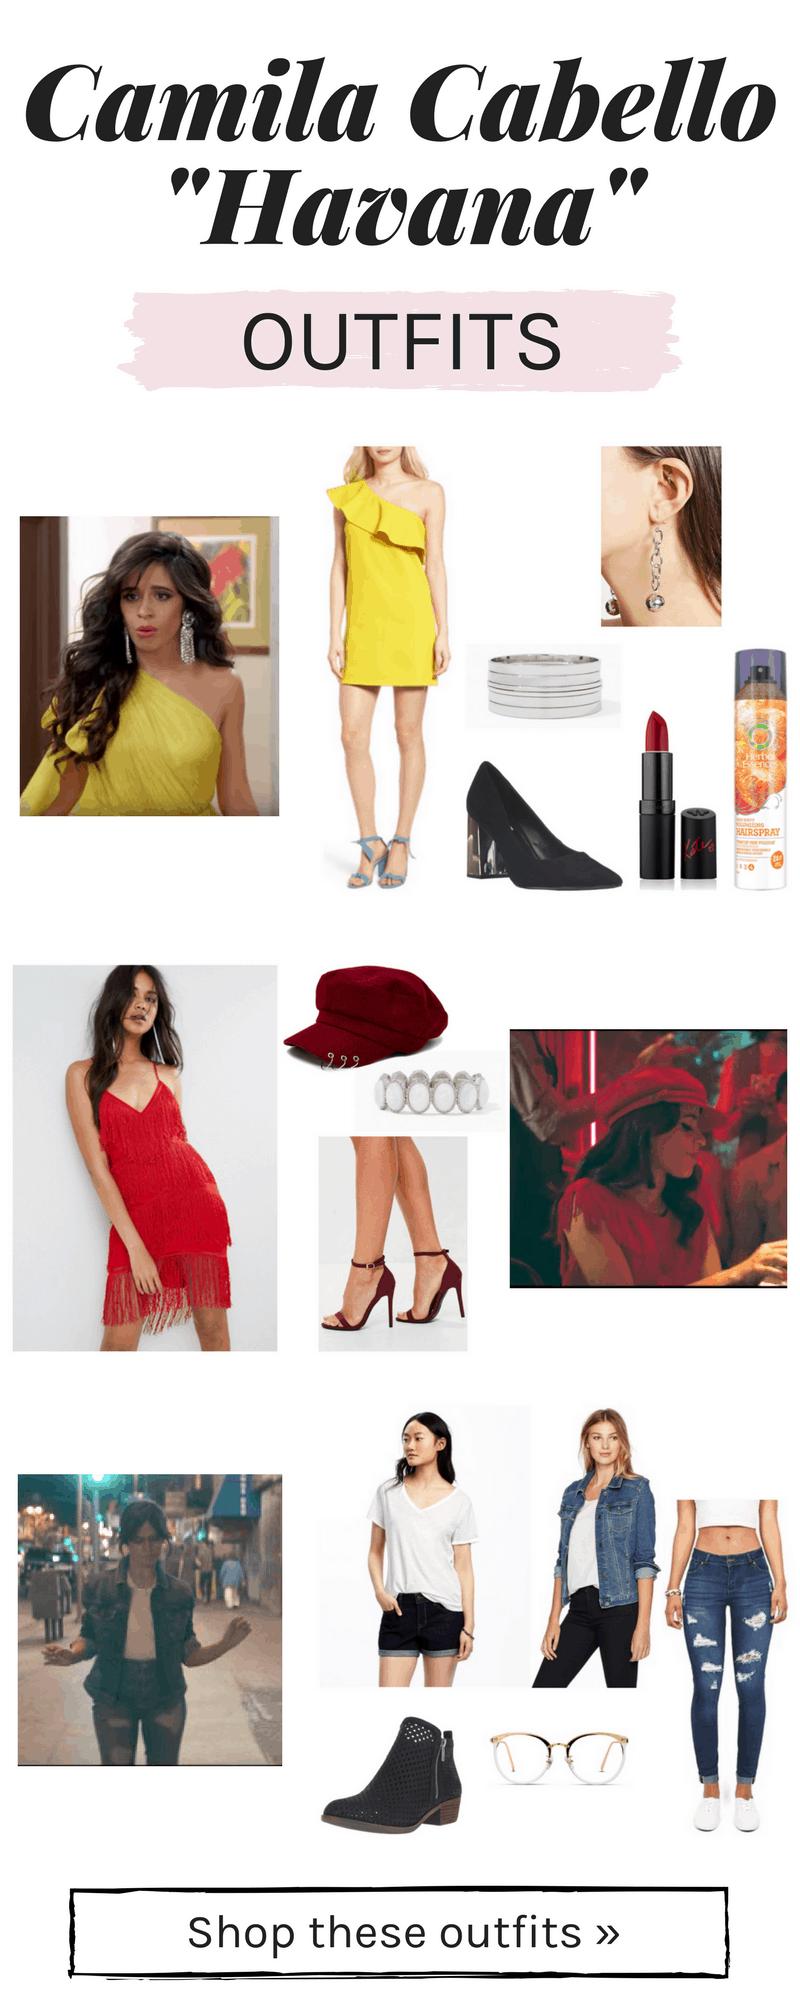 Camila Cabello Havana outfits